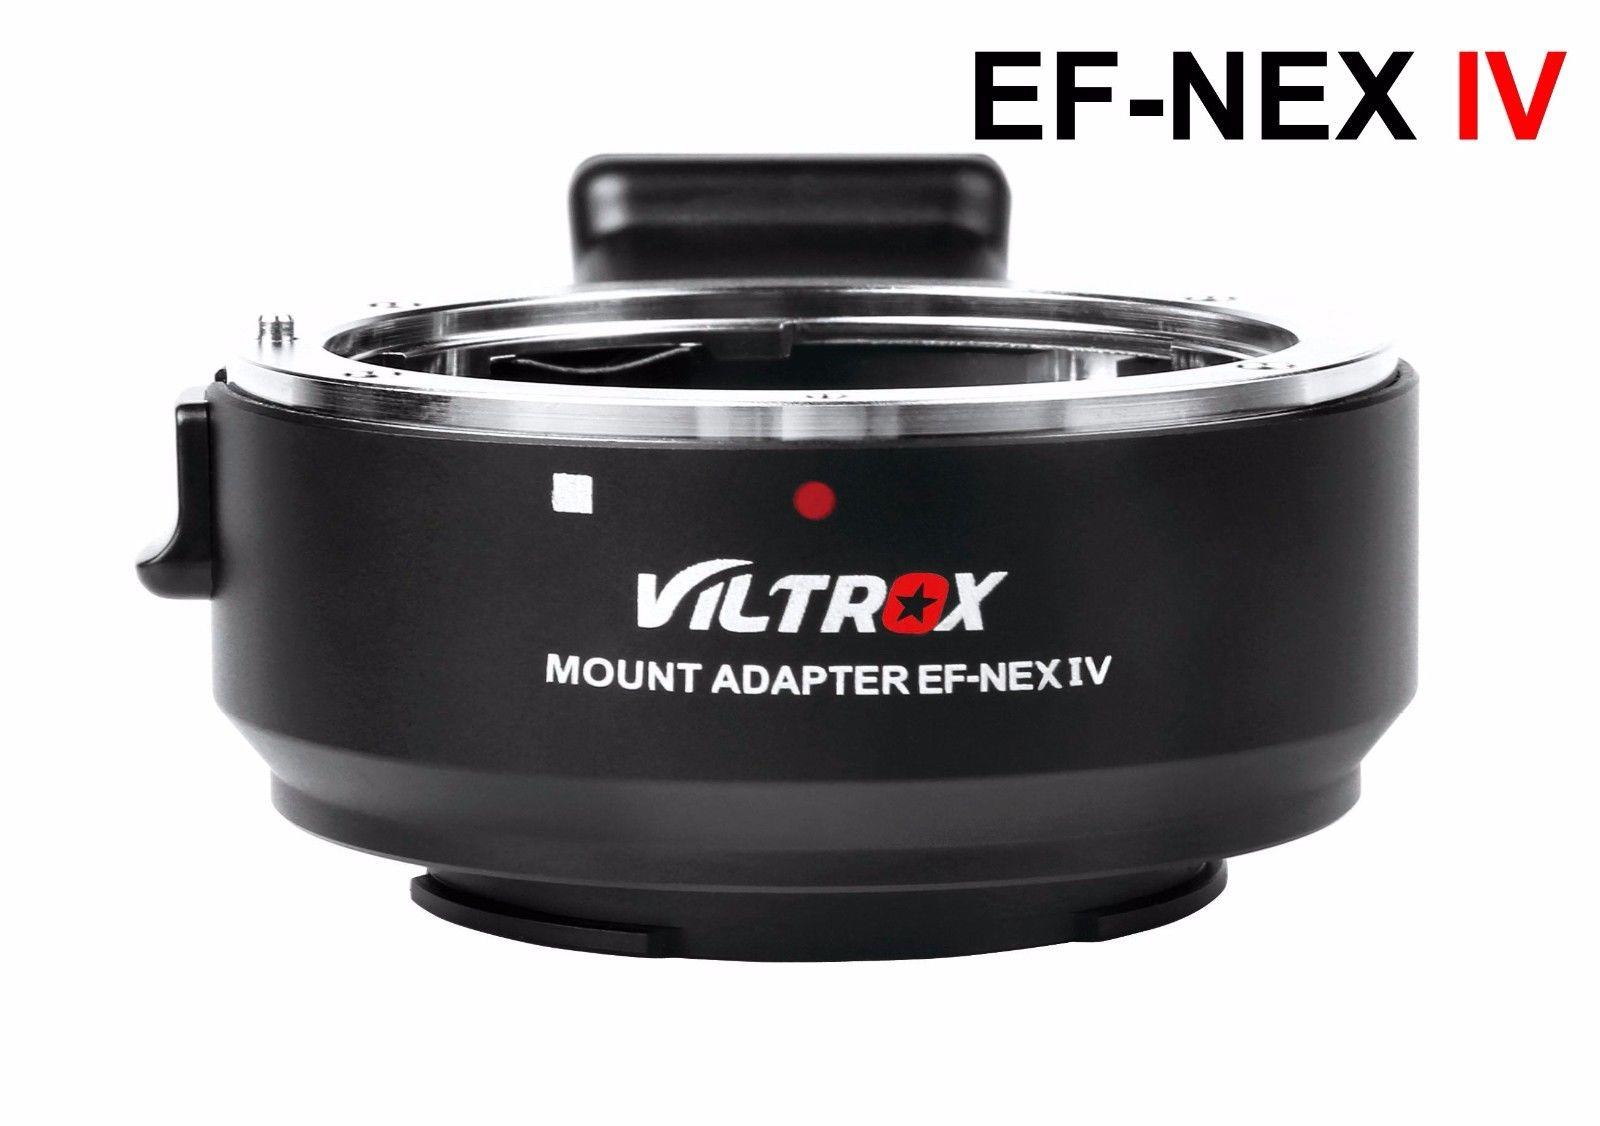 Adaptateur d'objectif de mise au point automatique Viltrox EF-NEX IV pour objectif Canon EOS EF EF-S à Sony E NEX plein cadre A9 A7 A7II A7RII A7SII A6500 A6300